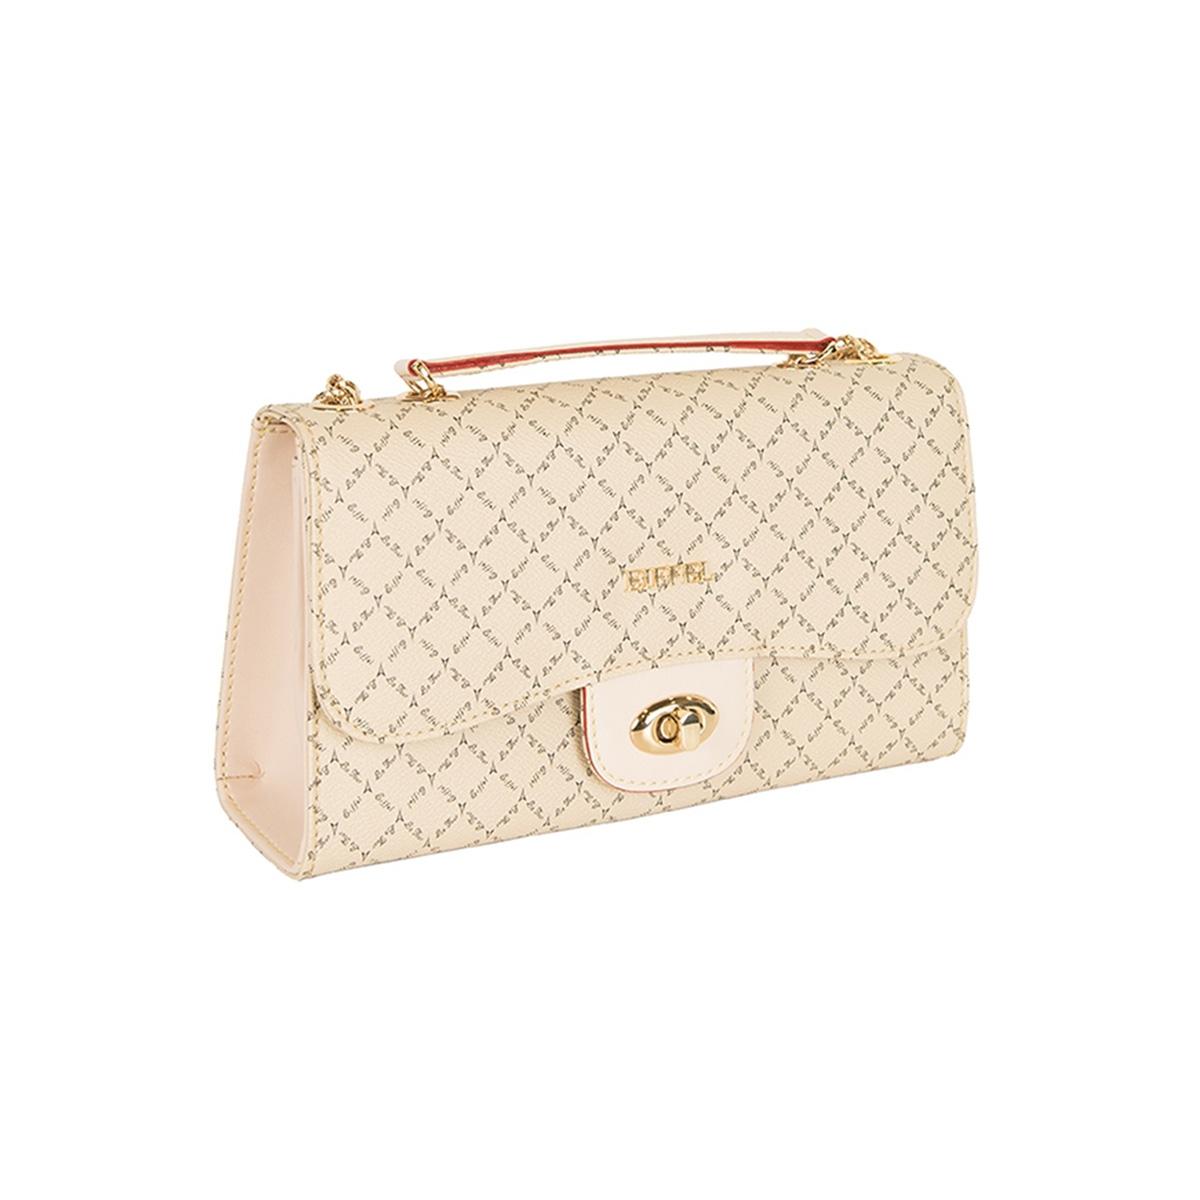 b1b264534c Τσάντα Ώμου Με Αλυσίδα La Tour Eiffel Logo-Δέρμα 151061 Μπεζ Ανοιχτό ...